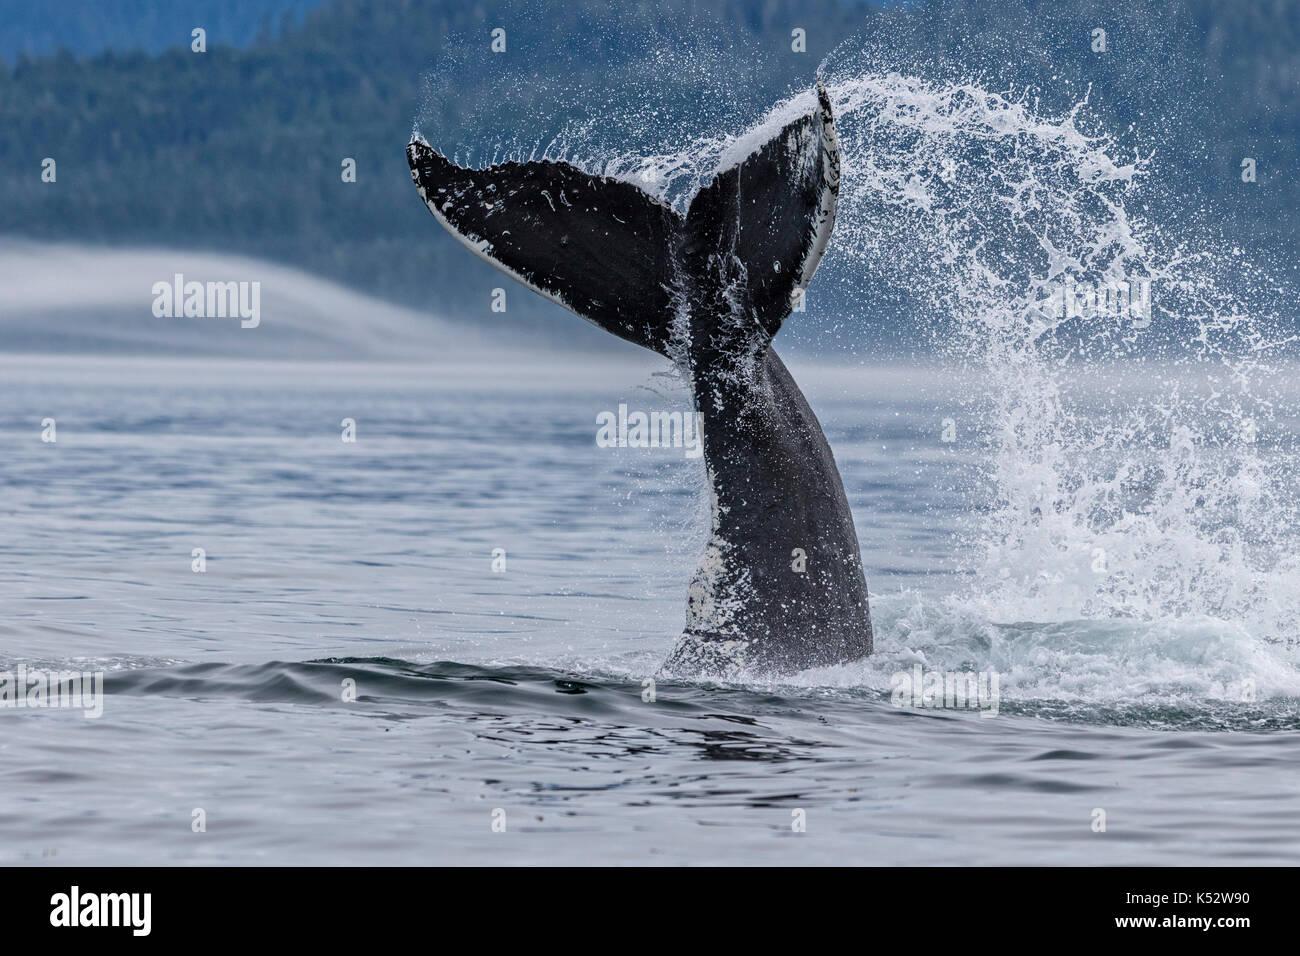 Éclaboussures des baleines à bosse avec sa queue dans le détroit de la Reine-Charlotte au large du nord de l'île de Vancouver, Colombie-Britannique, Canada. Photo Stock